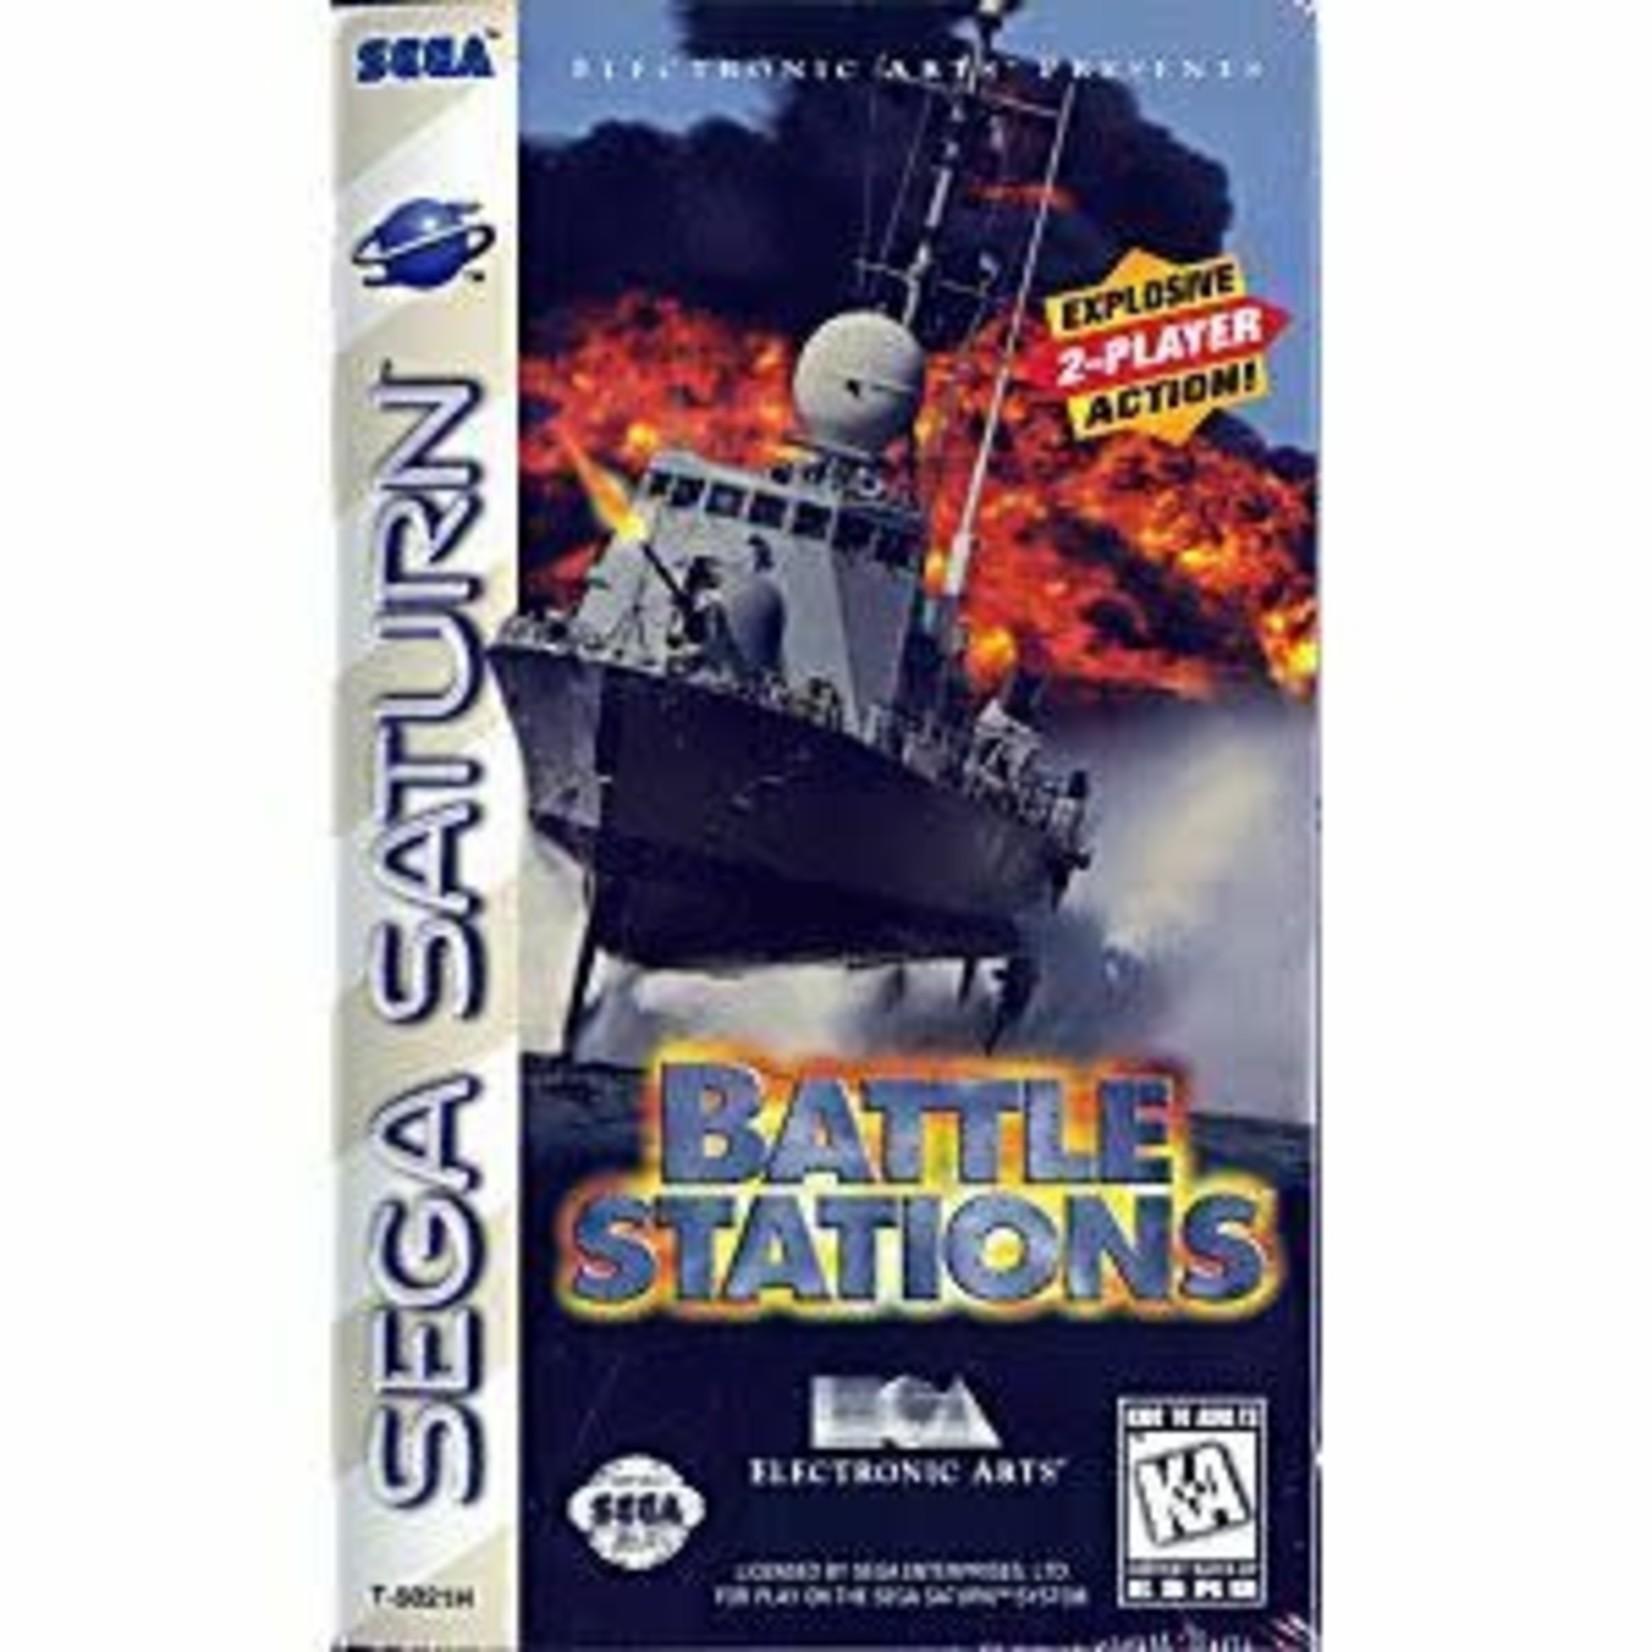 SSU-Battlestations